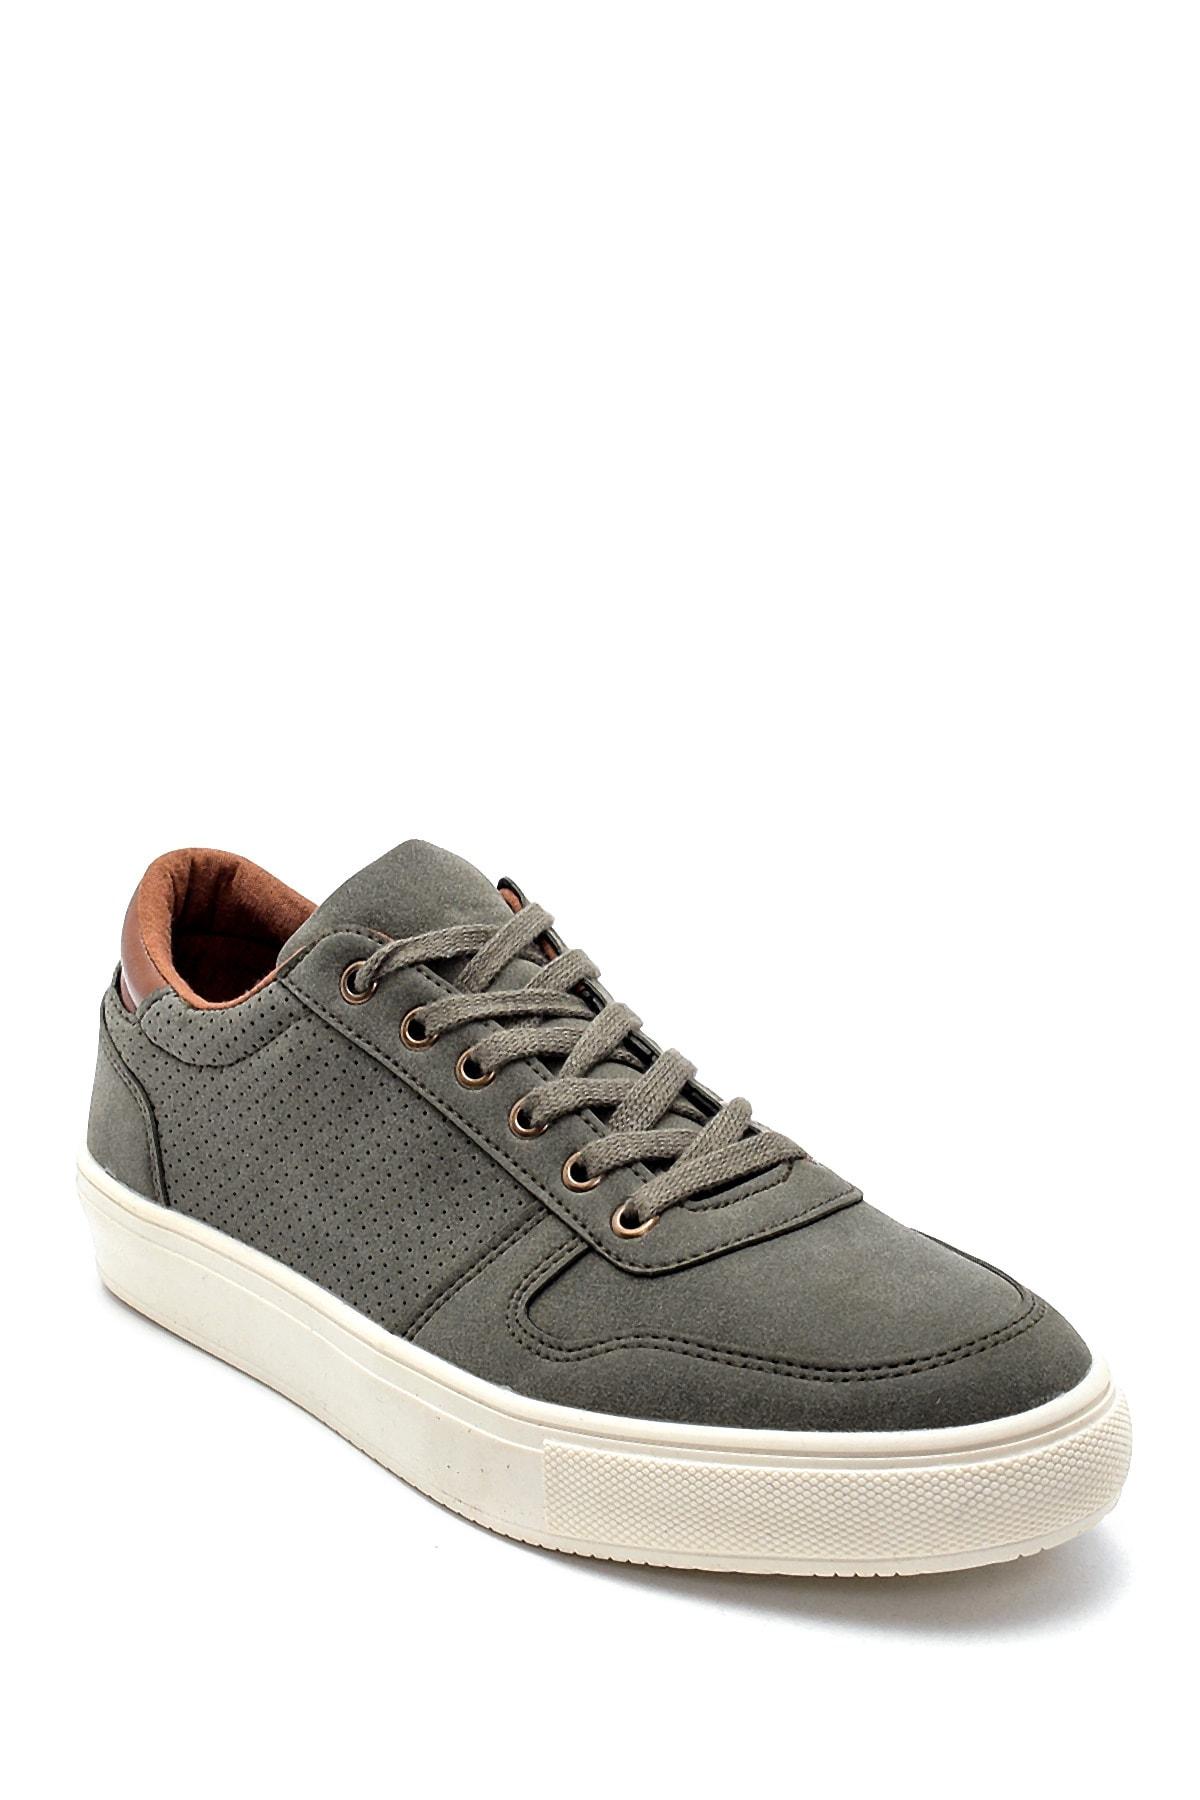 Luda Cris Erkek Haki Günlük Sneaker Ayakkabı 2